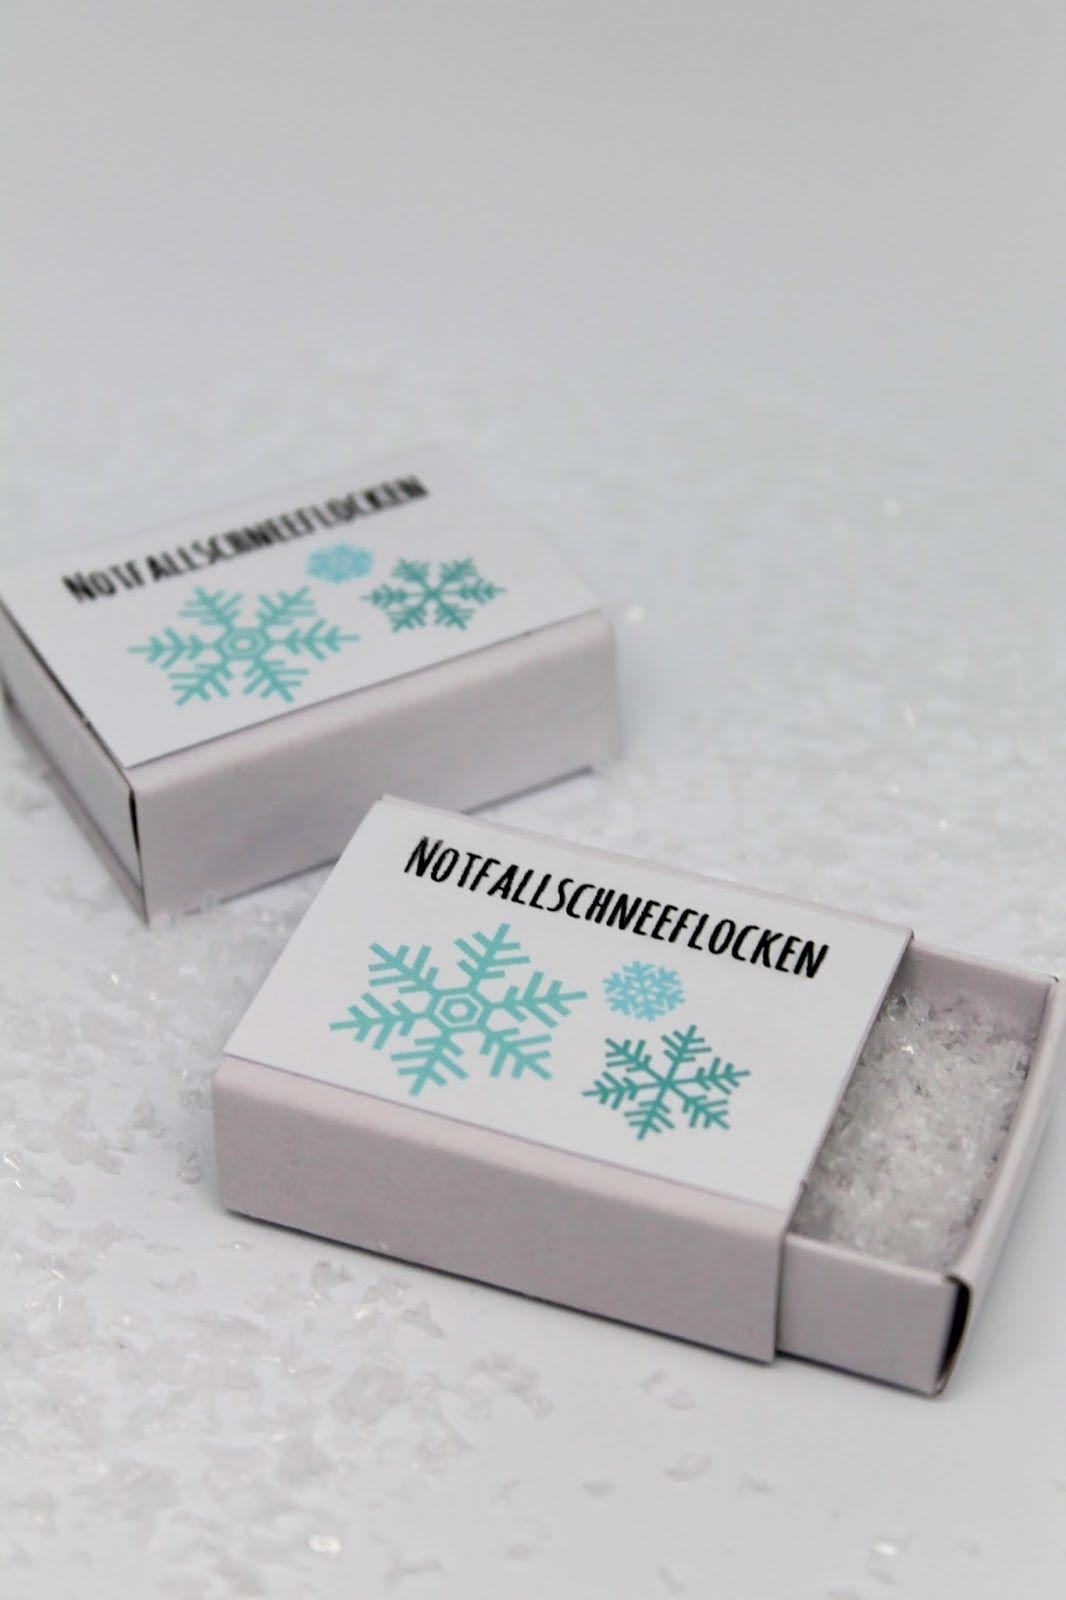 DIY schnelles Wichtelgeschenk: Notfallschneeflocken + gratis Vorlage